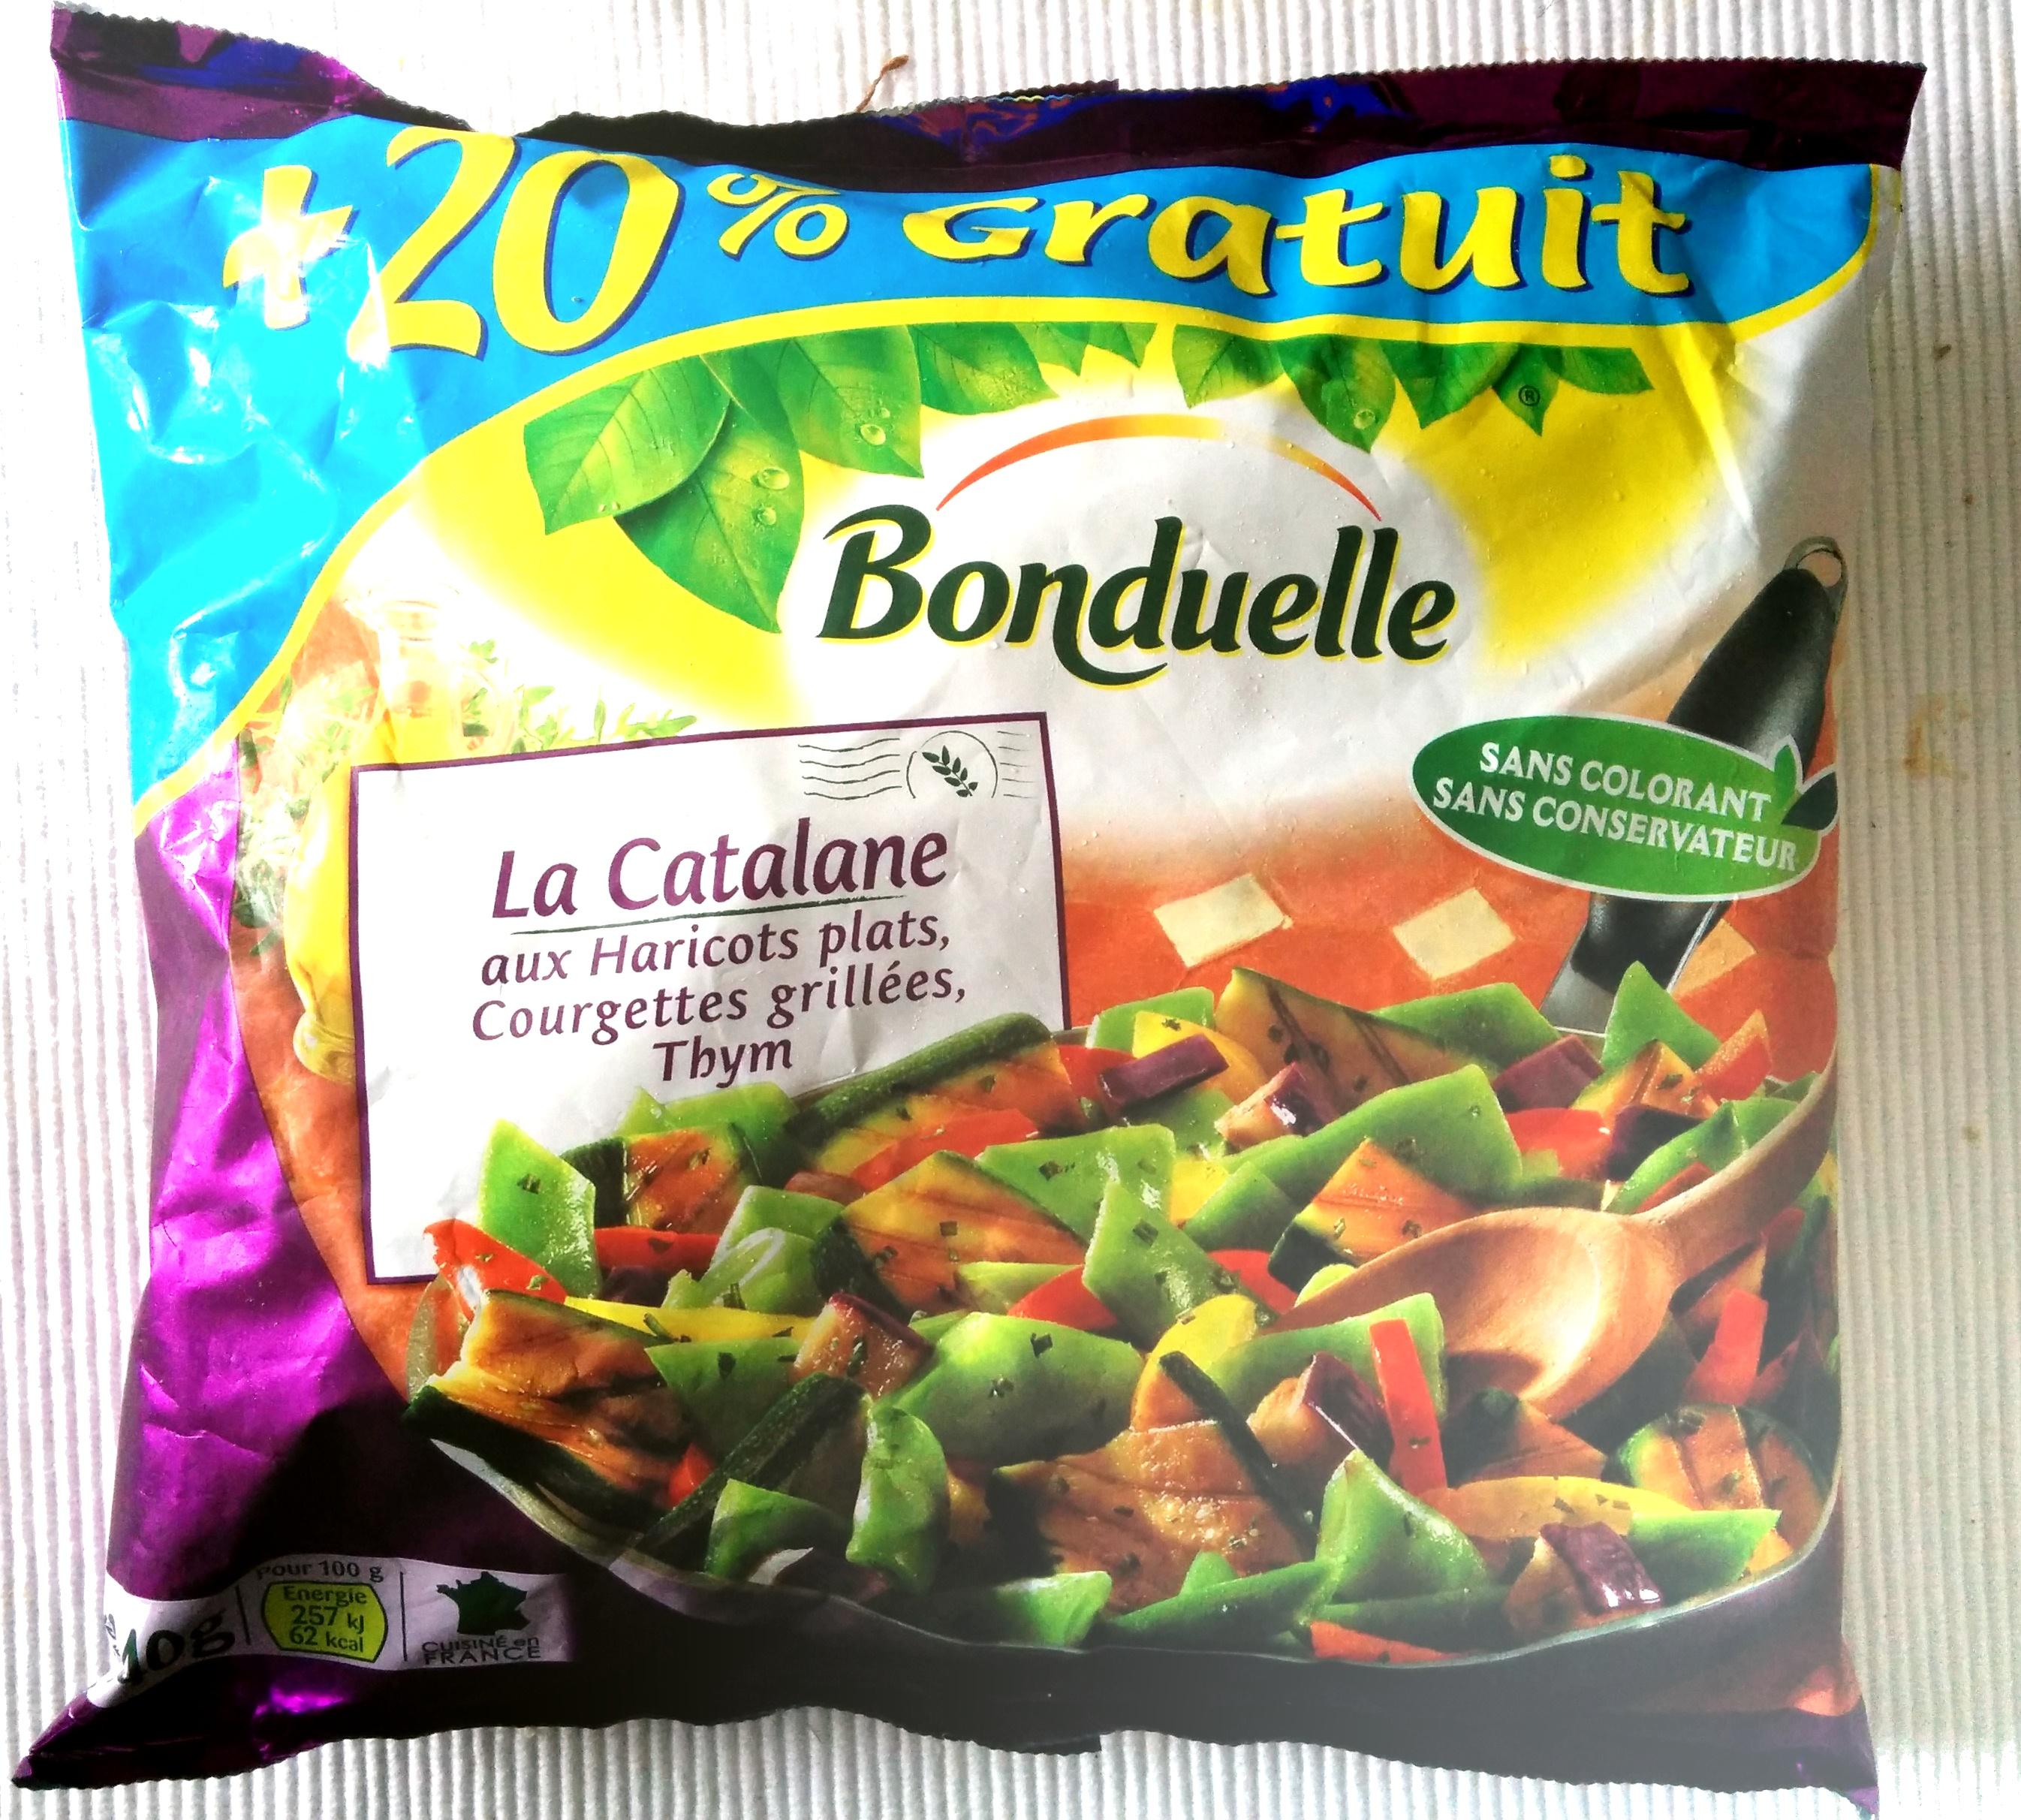 La Catalane aux Haricots plats, Courgettes grillées, Thym - Product